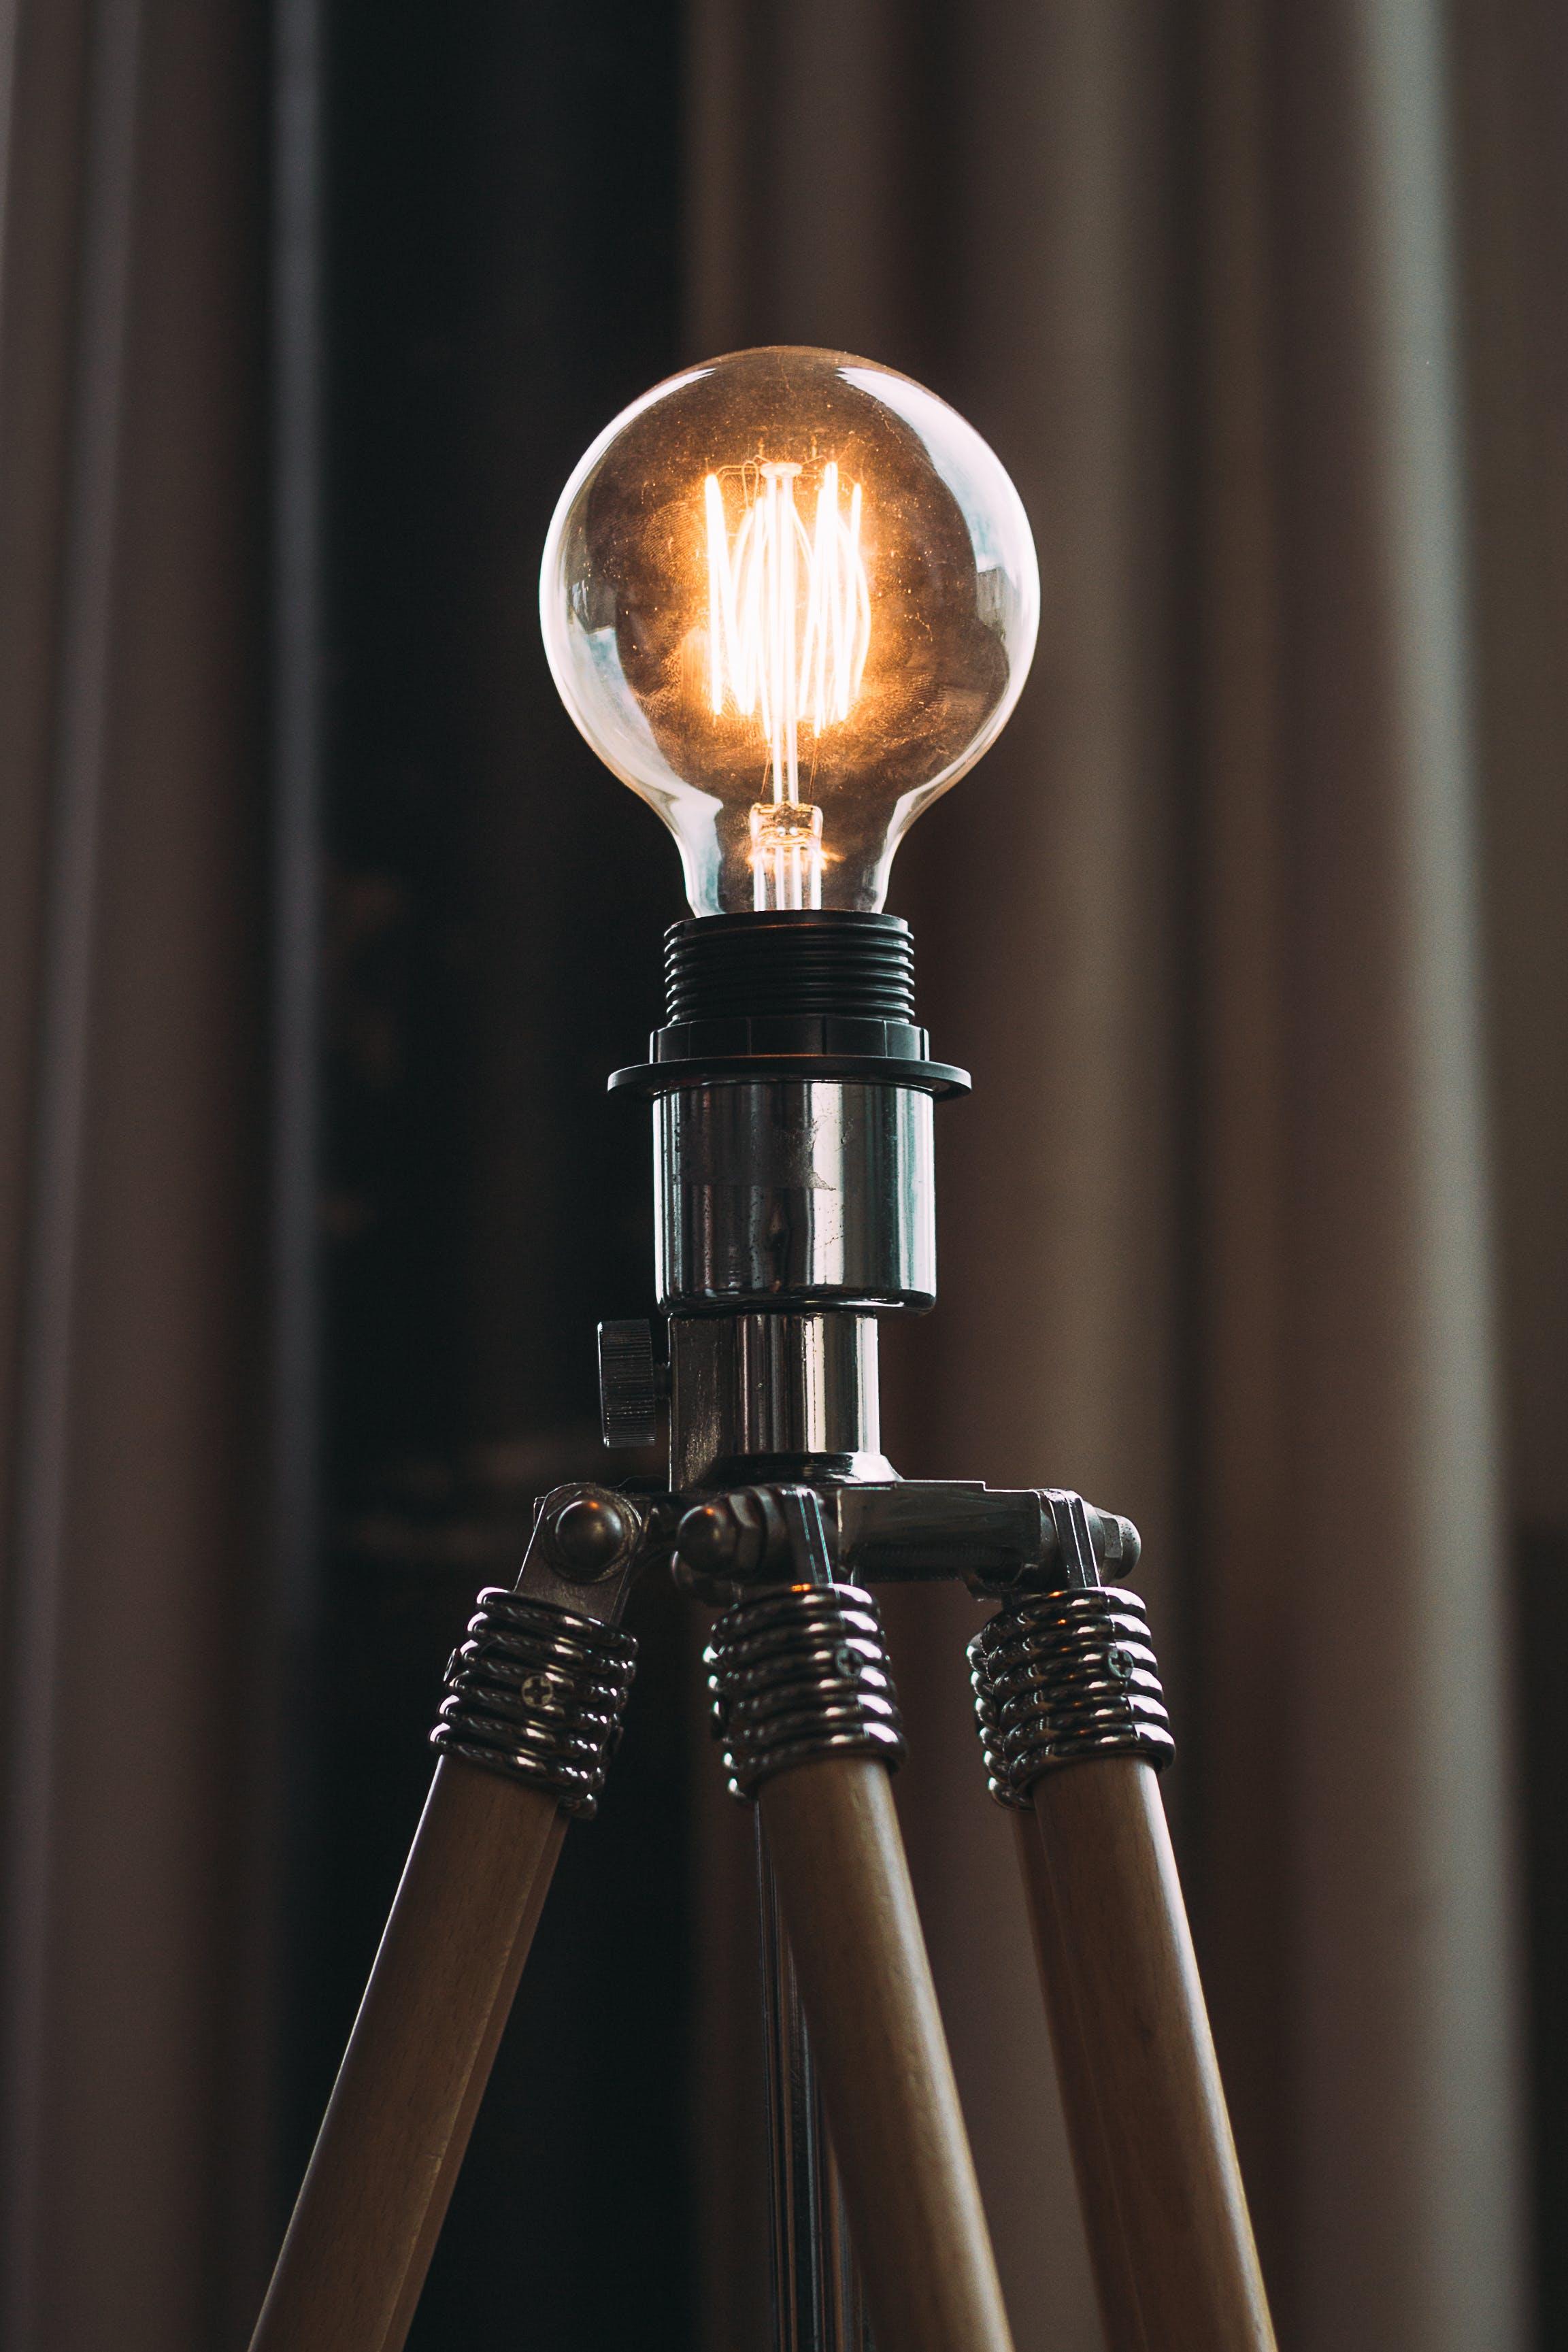 Darmowe zdjęcie z galerii z elektryczność, energia, jasny, oświetlony